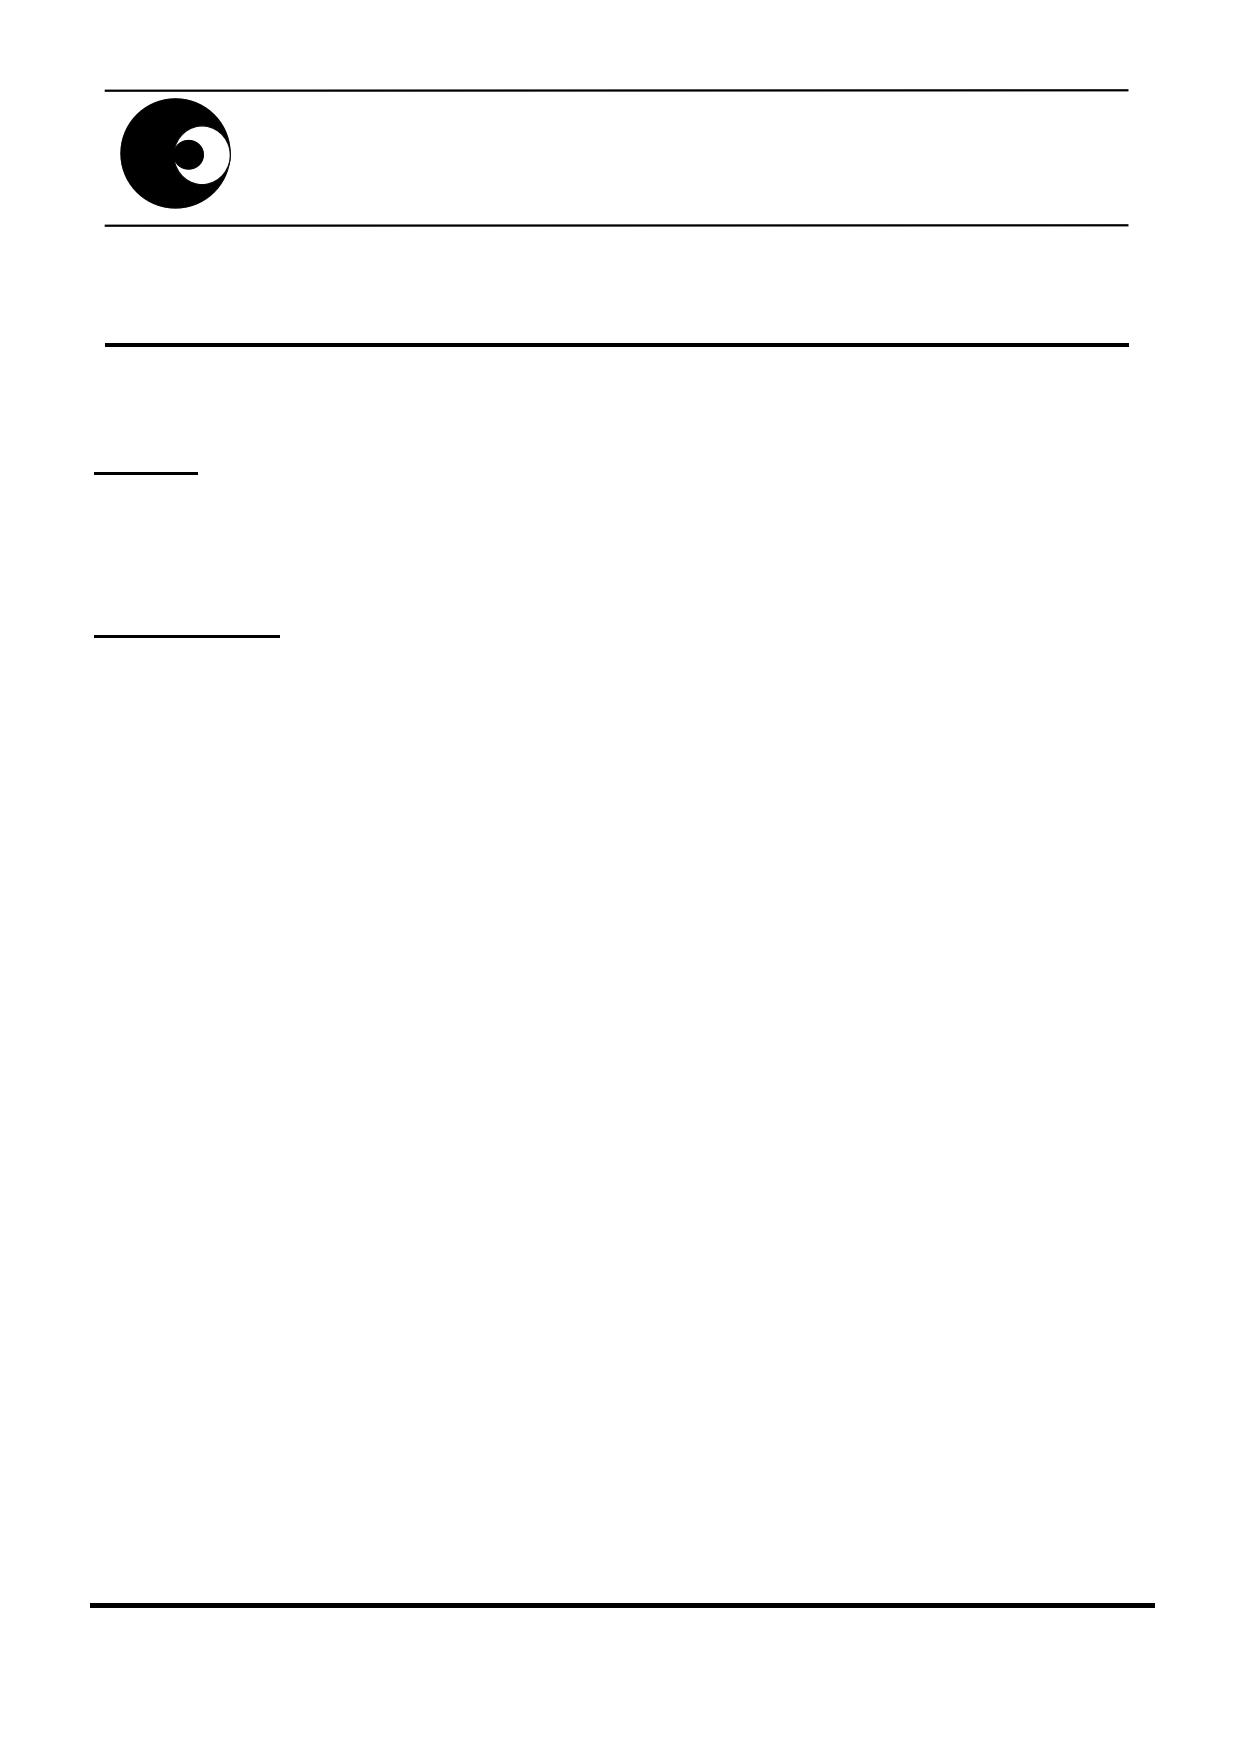 SA2532K دیتاشیت PDF